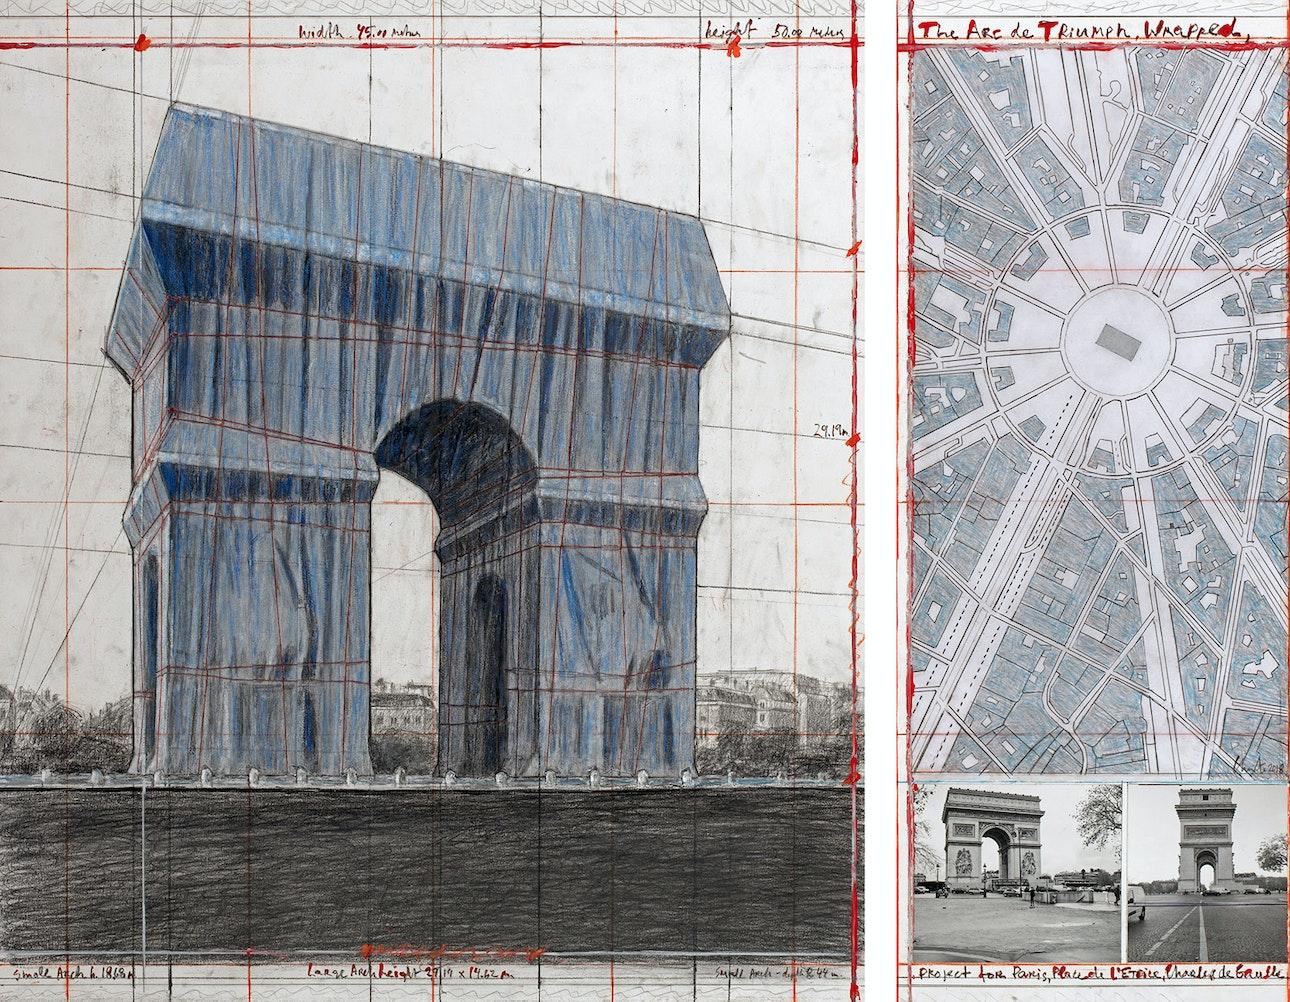 L'Arc de Triomphe, Wrapped - The Arc de Triumph, Wrapped, Project for Paris, Place de l'Etoile, Charles de Gaulle